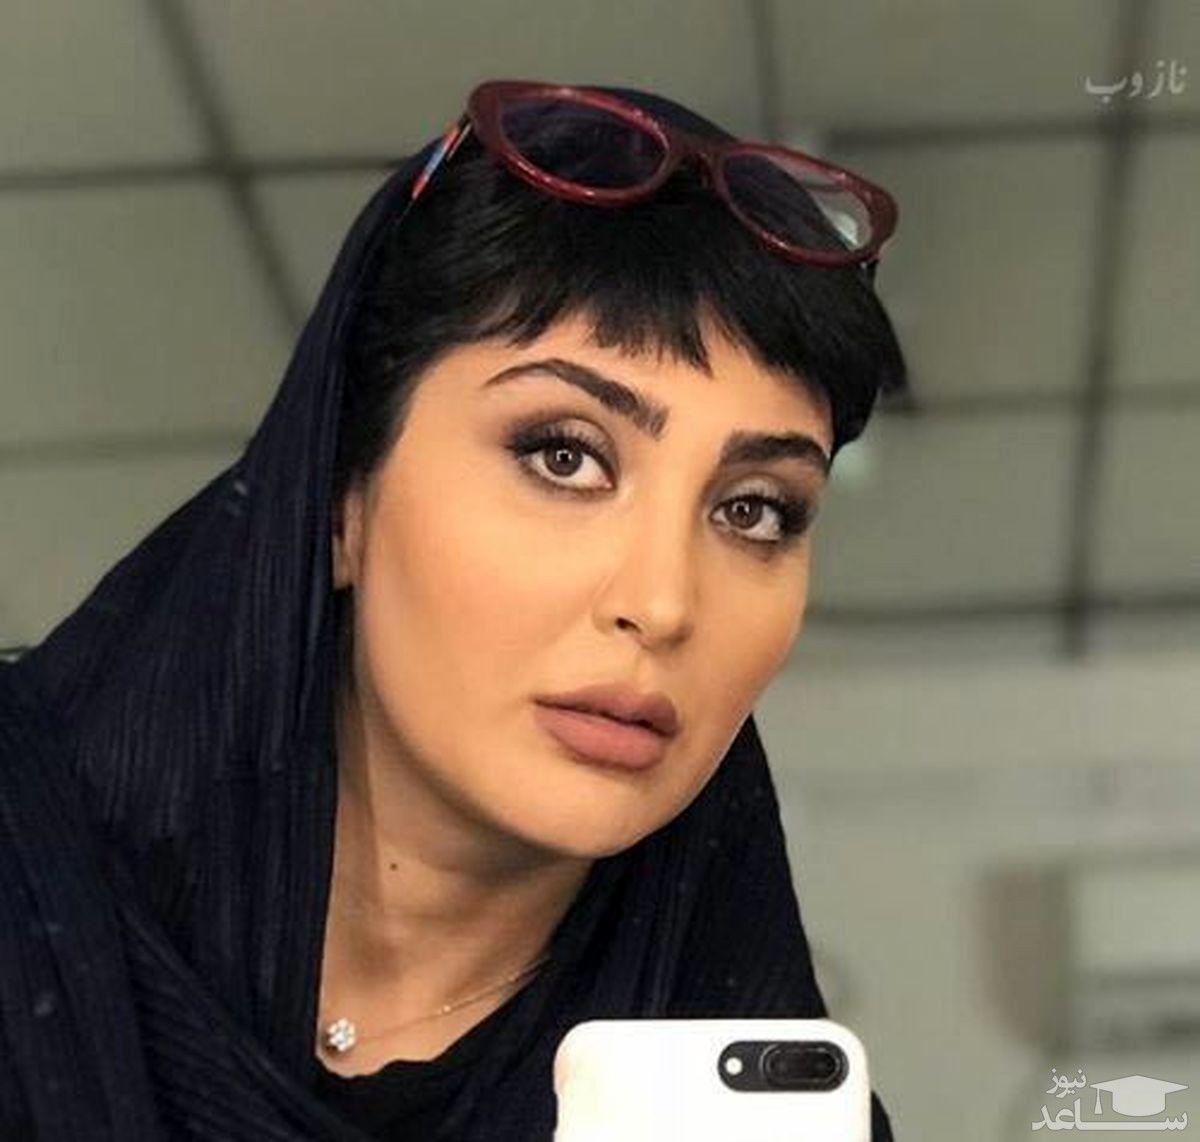 مریم معصومی | ارایش غلیظ خانم بازیگر جنجالی شد + عکس دیده نشده